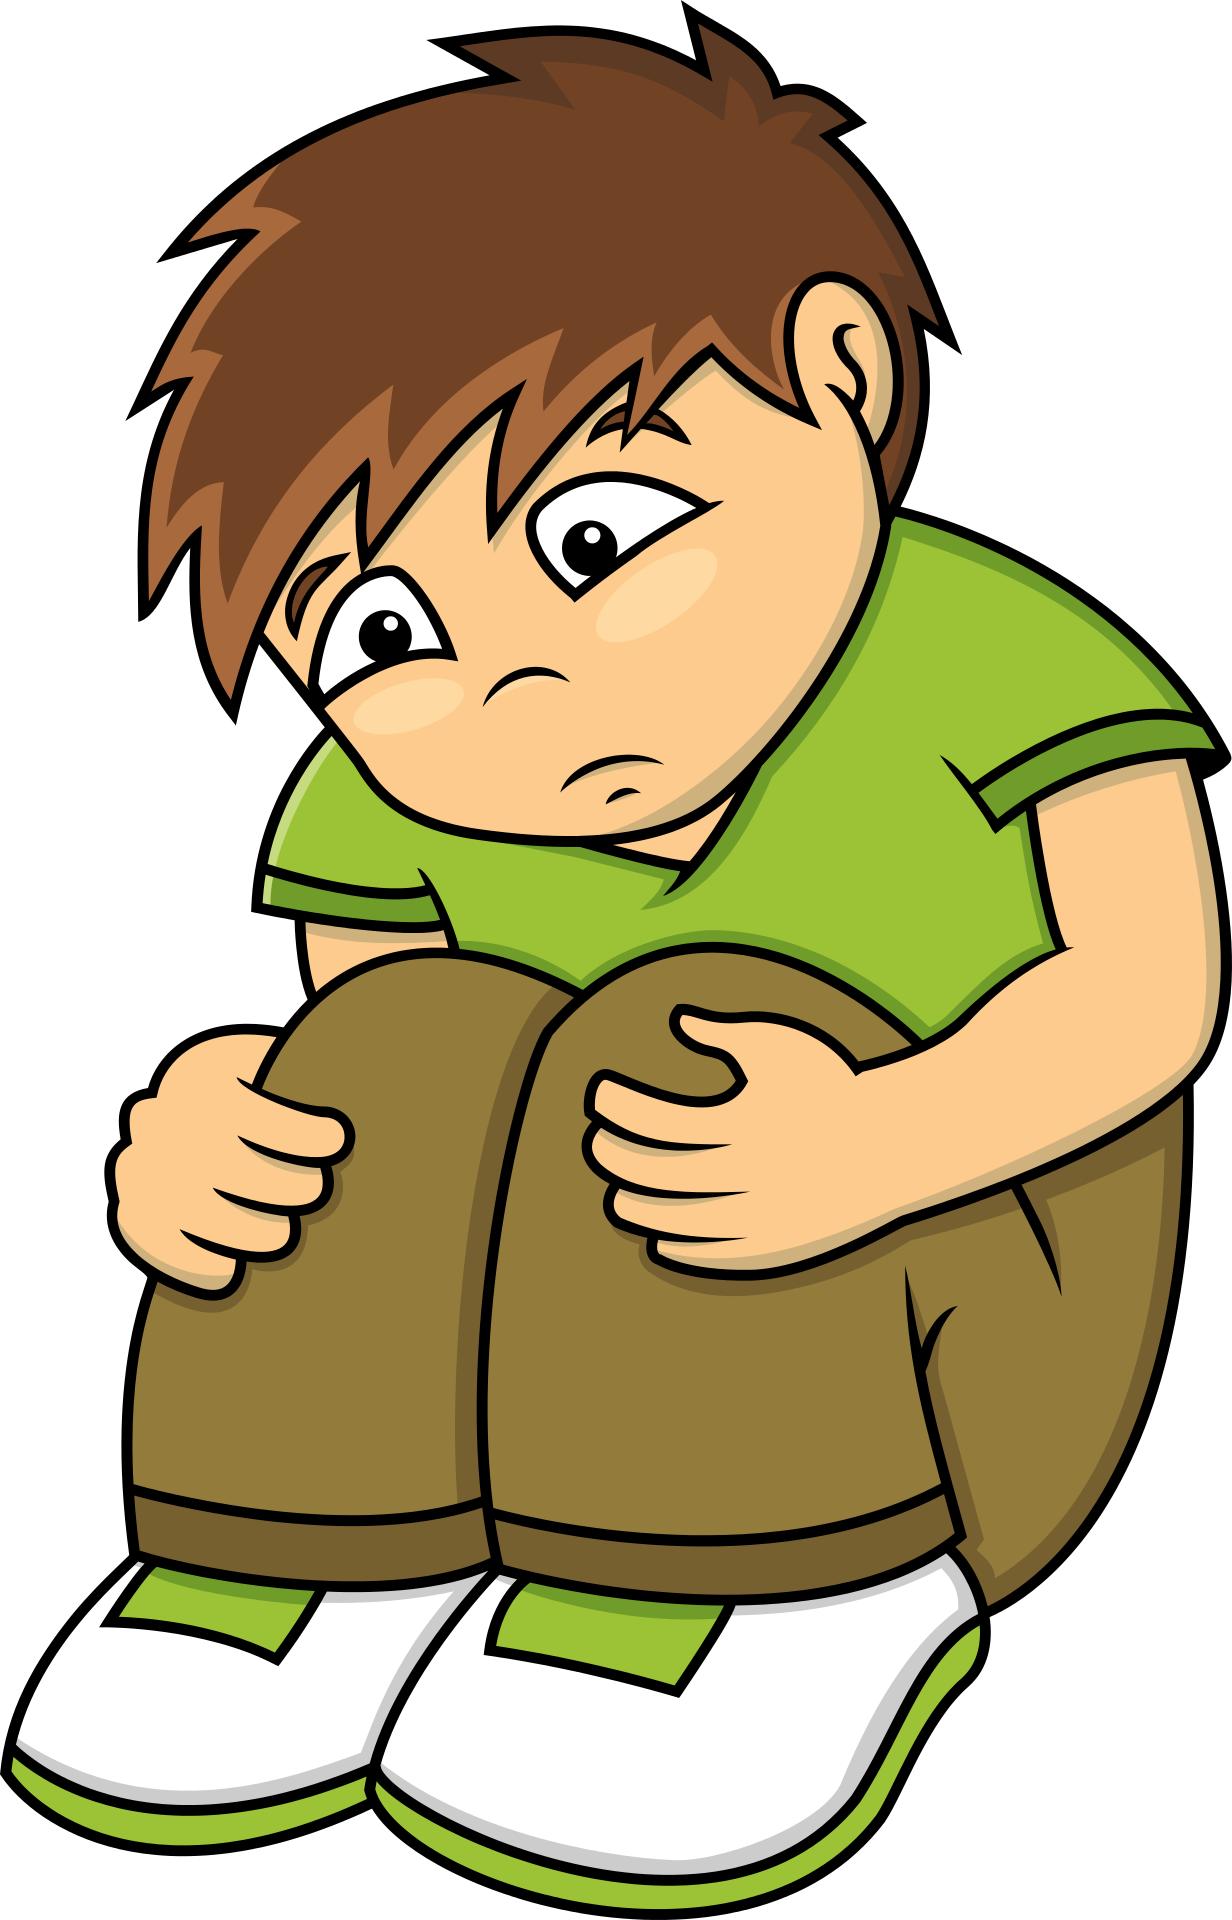 unhappy boy clipart - Clipground